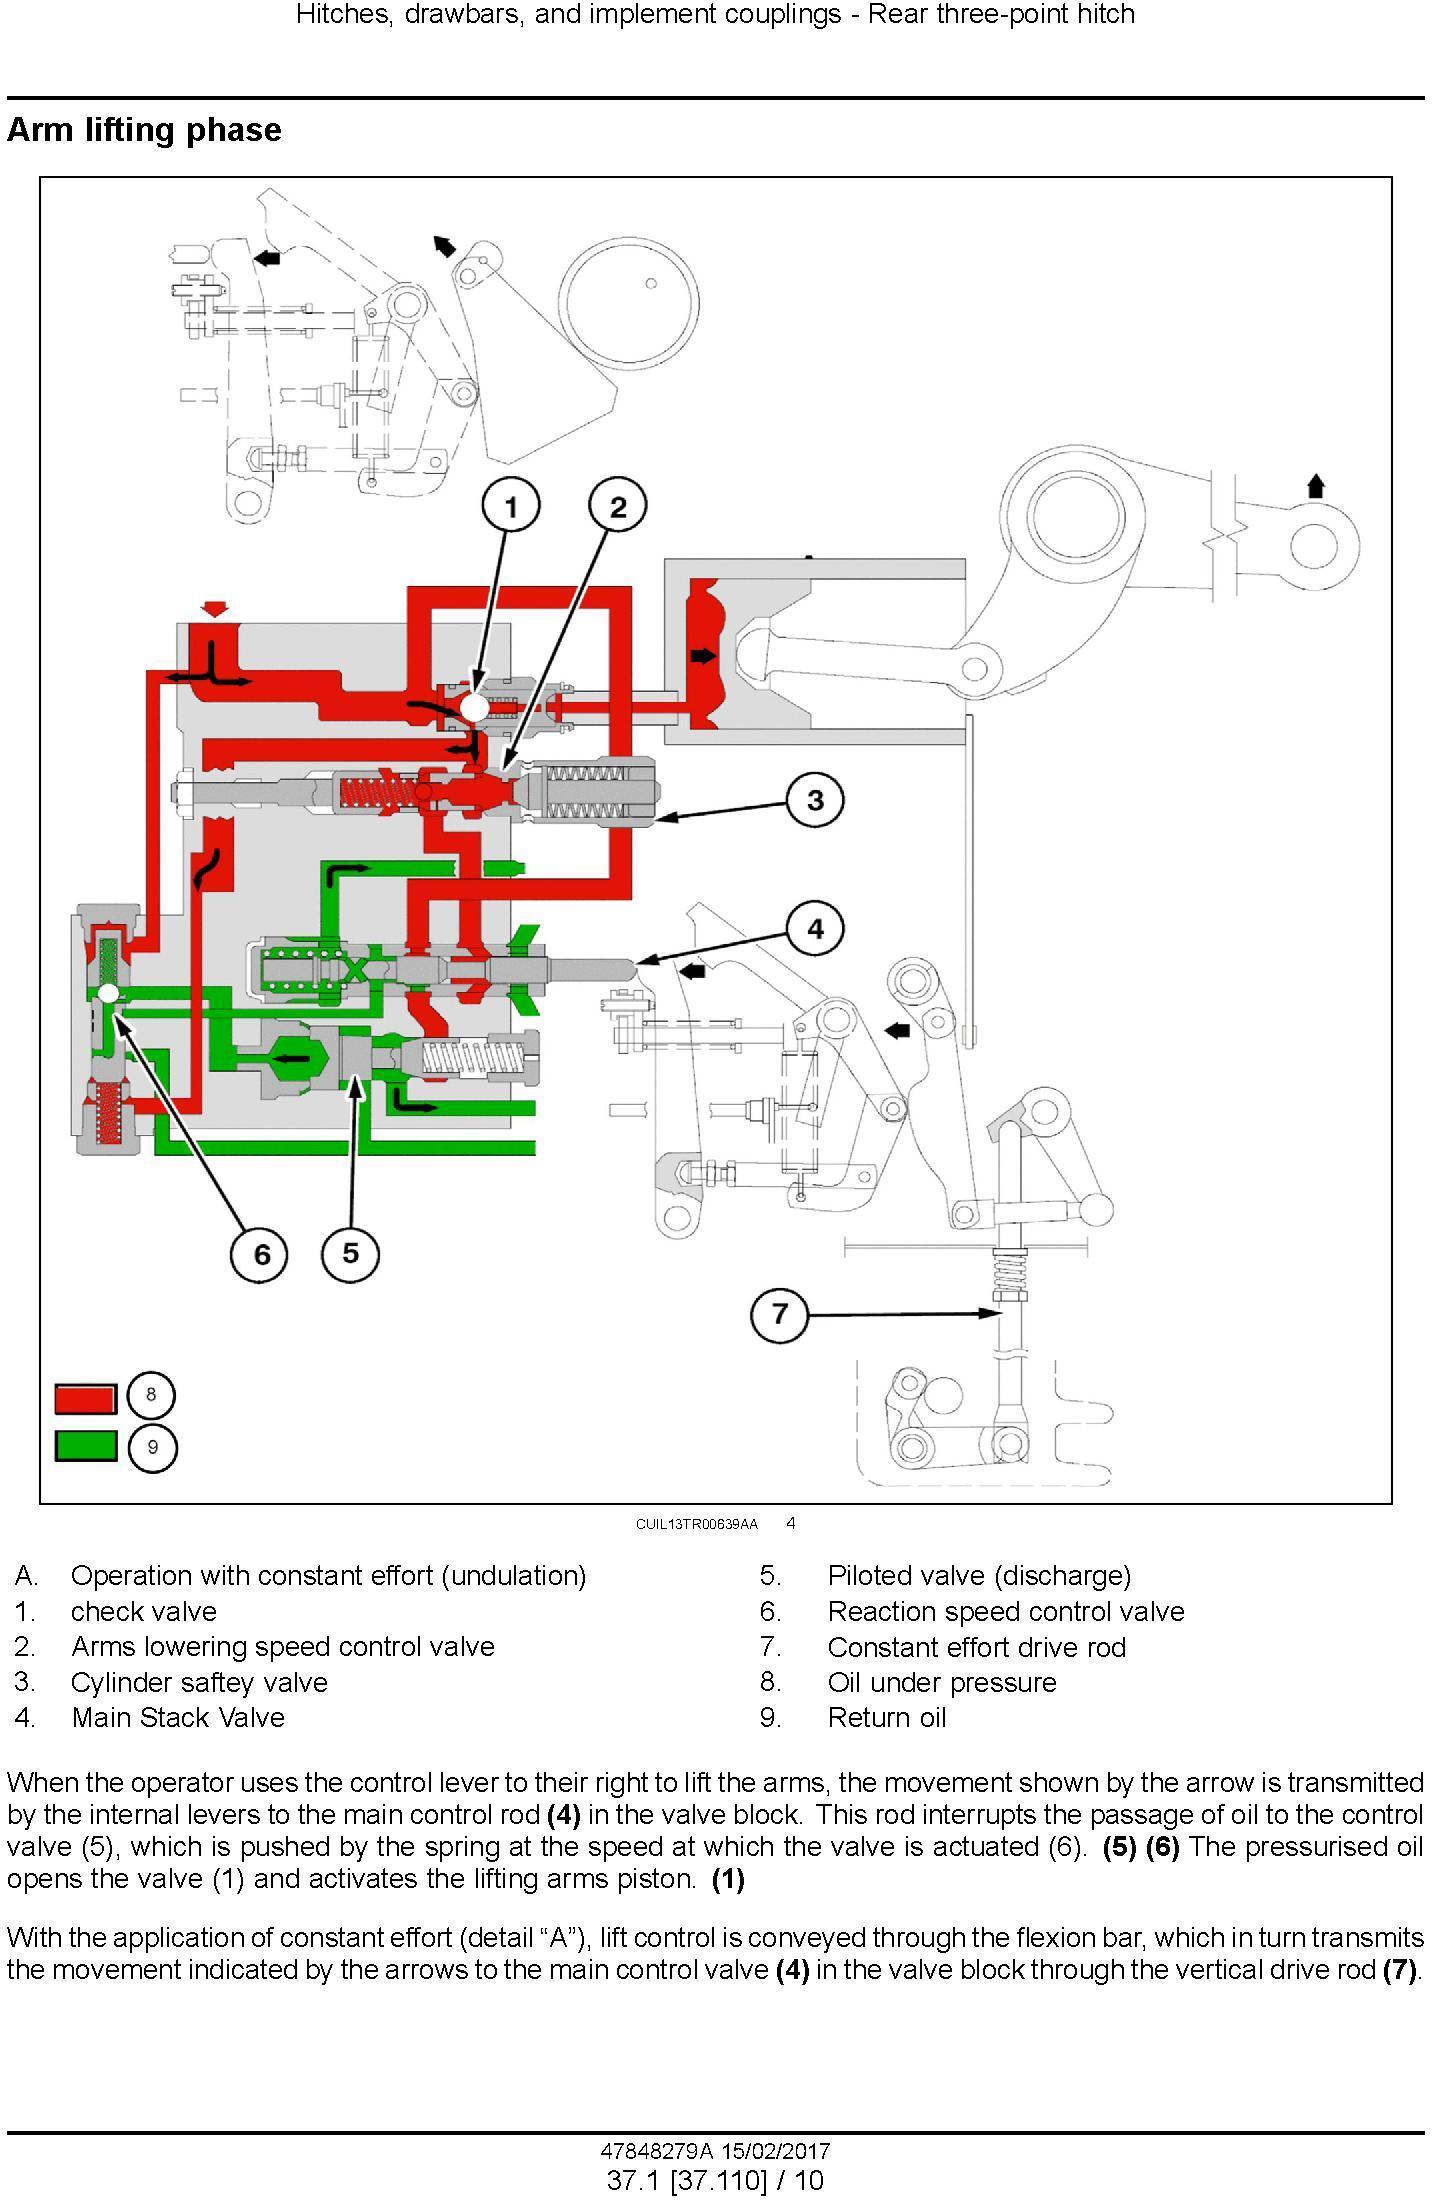 New Holland TL75E, TL85E, TL95E Power shuttle tractor Service Manual (Latin America) - 3